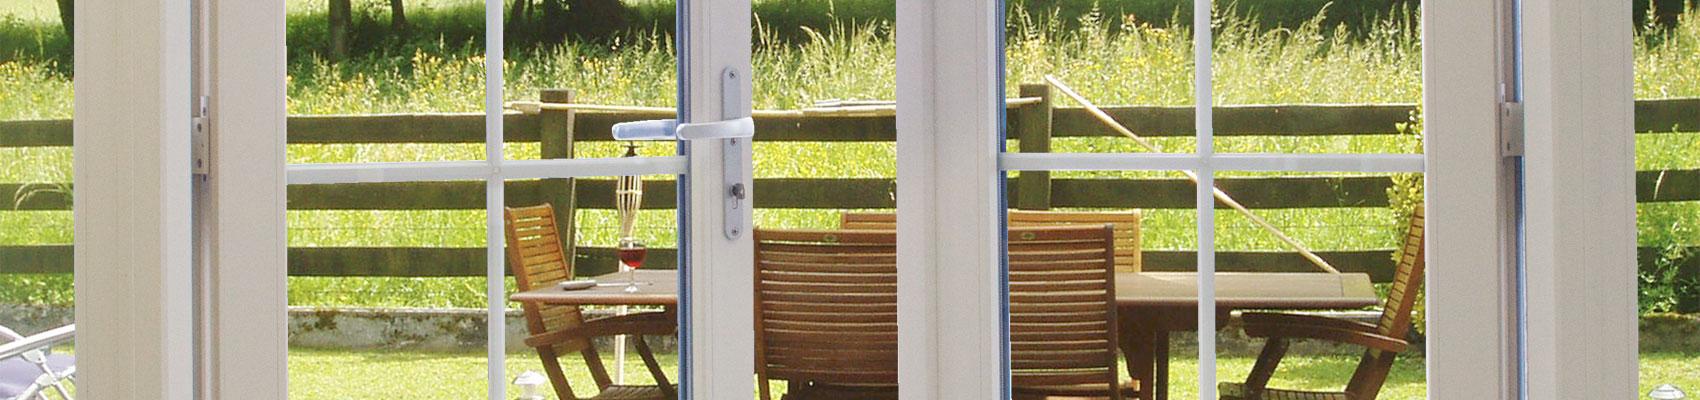 stedeko terrasdeuren deuren kozijnen schuifpui purmerend